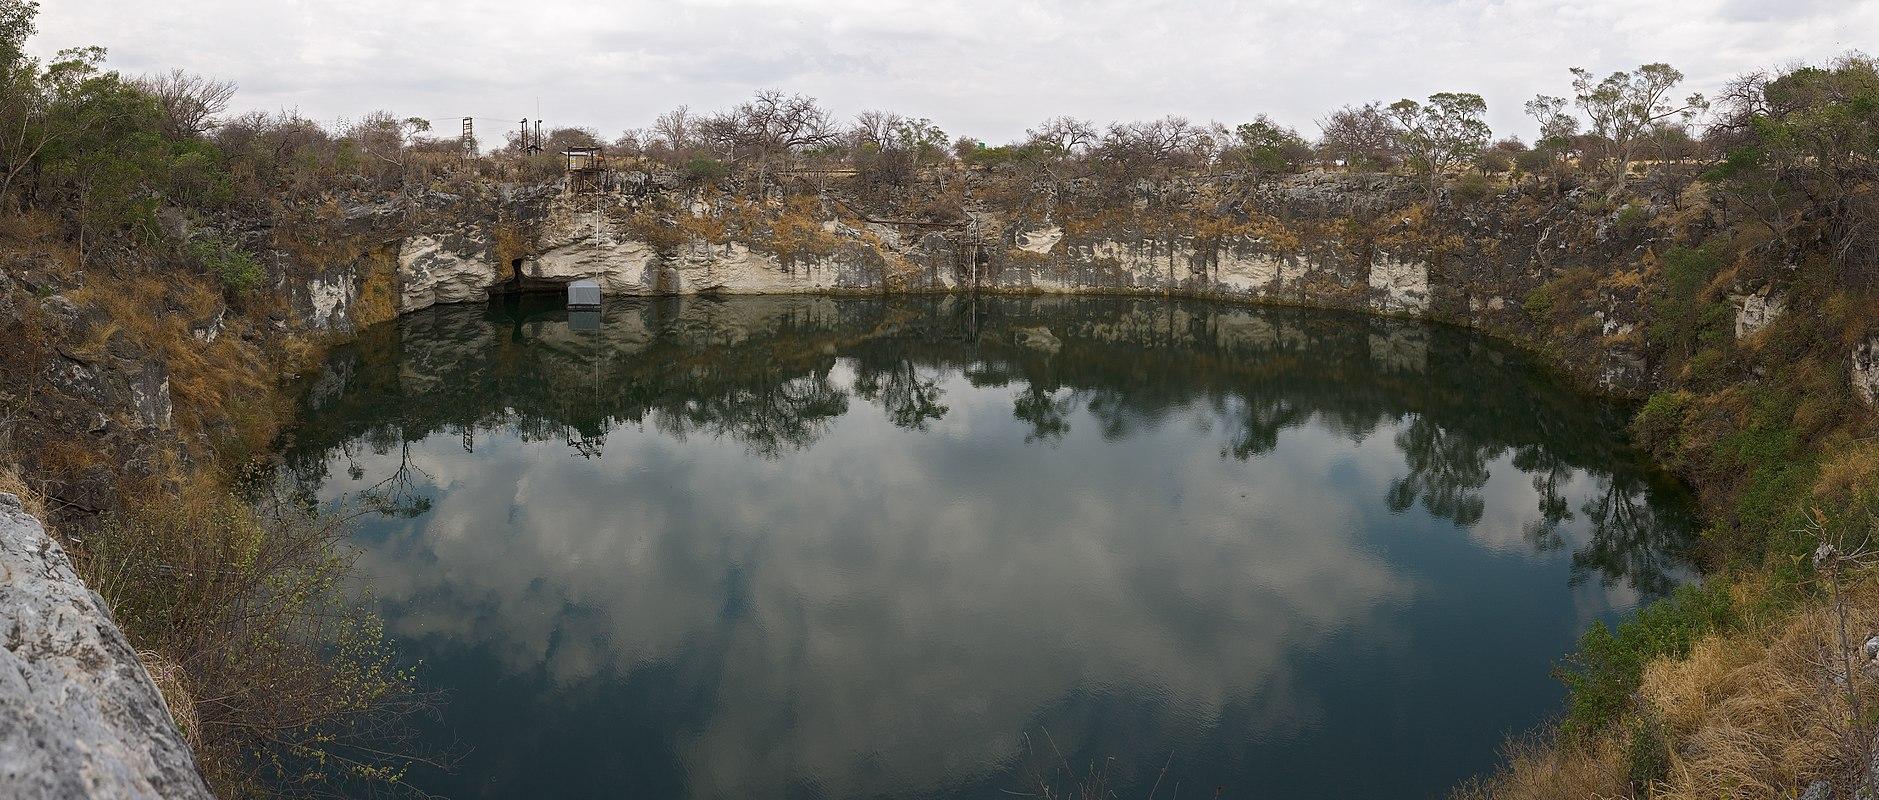 SWA_Otjikoto lake